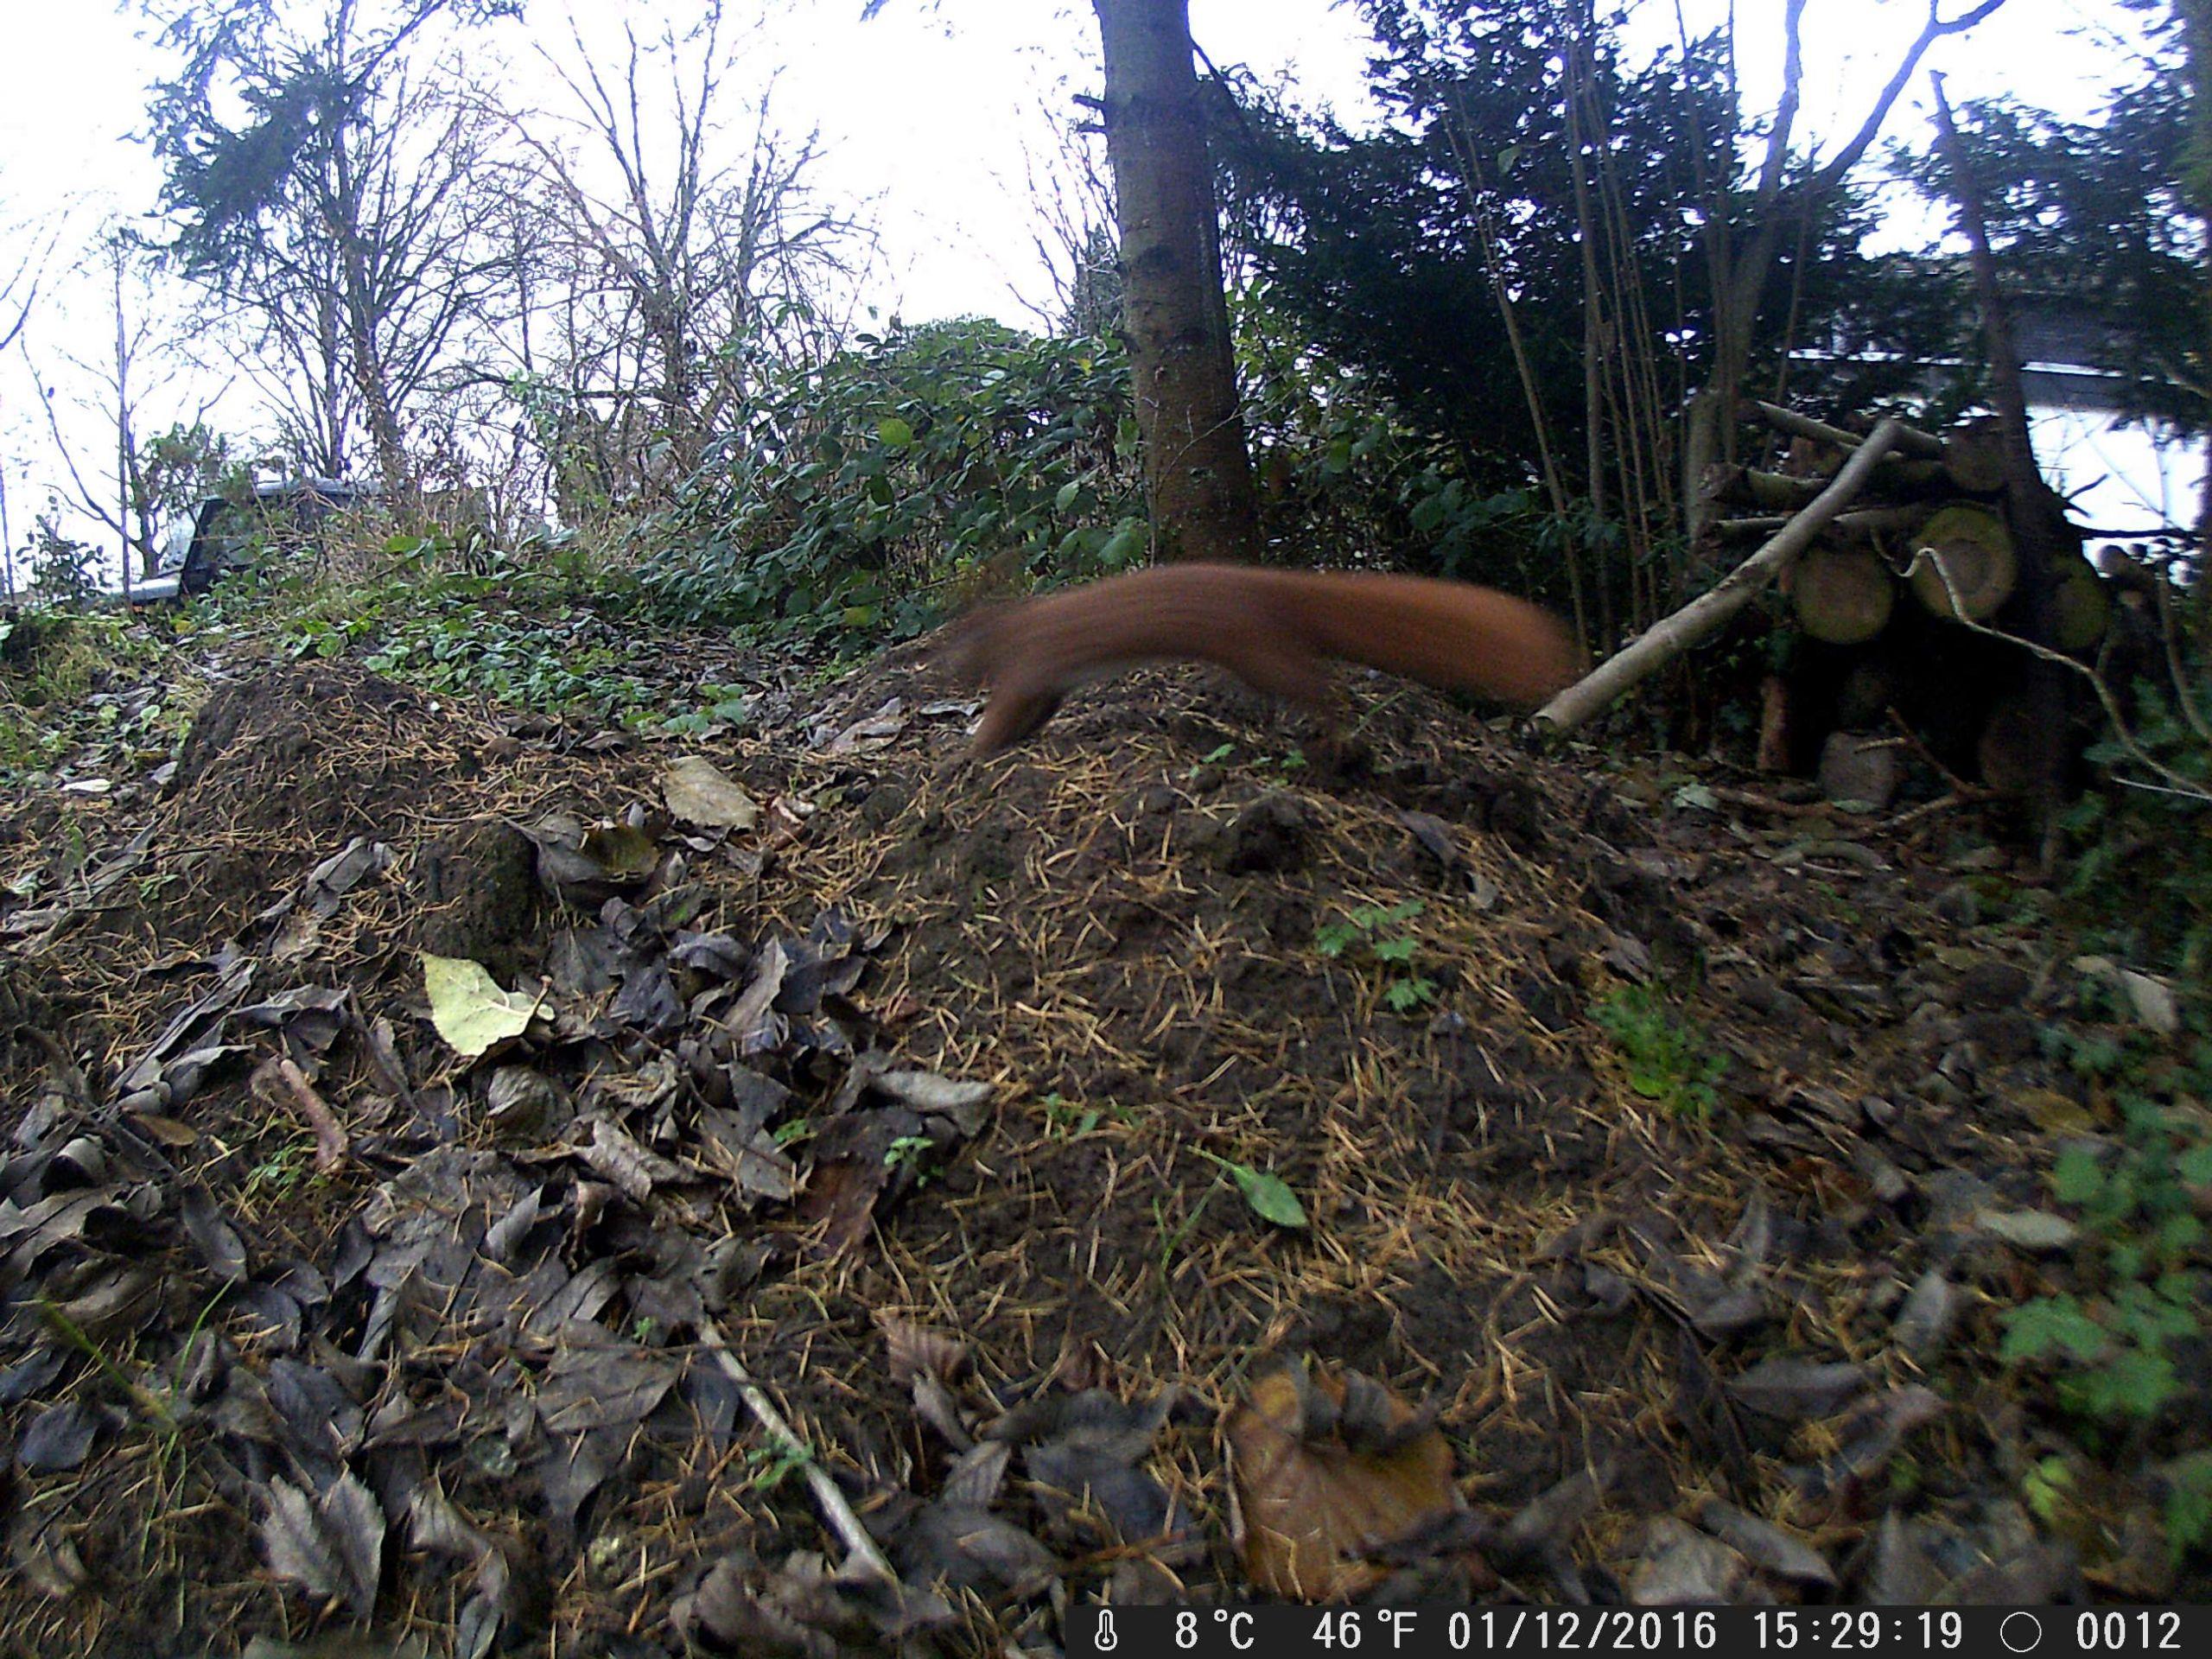 Vögel In Unserem Garten Neu Selfies Von Tieren [archiv] Outdoorseiten